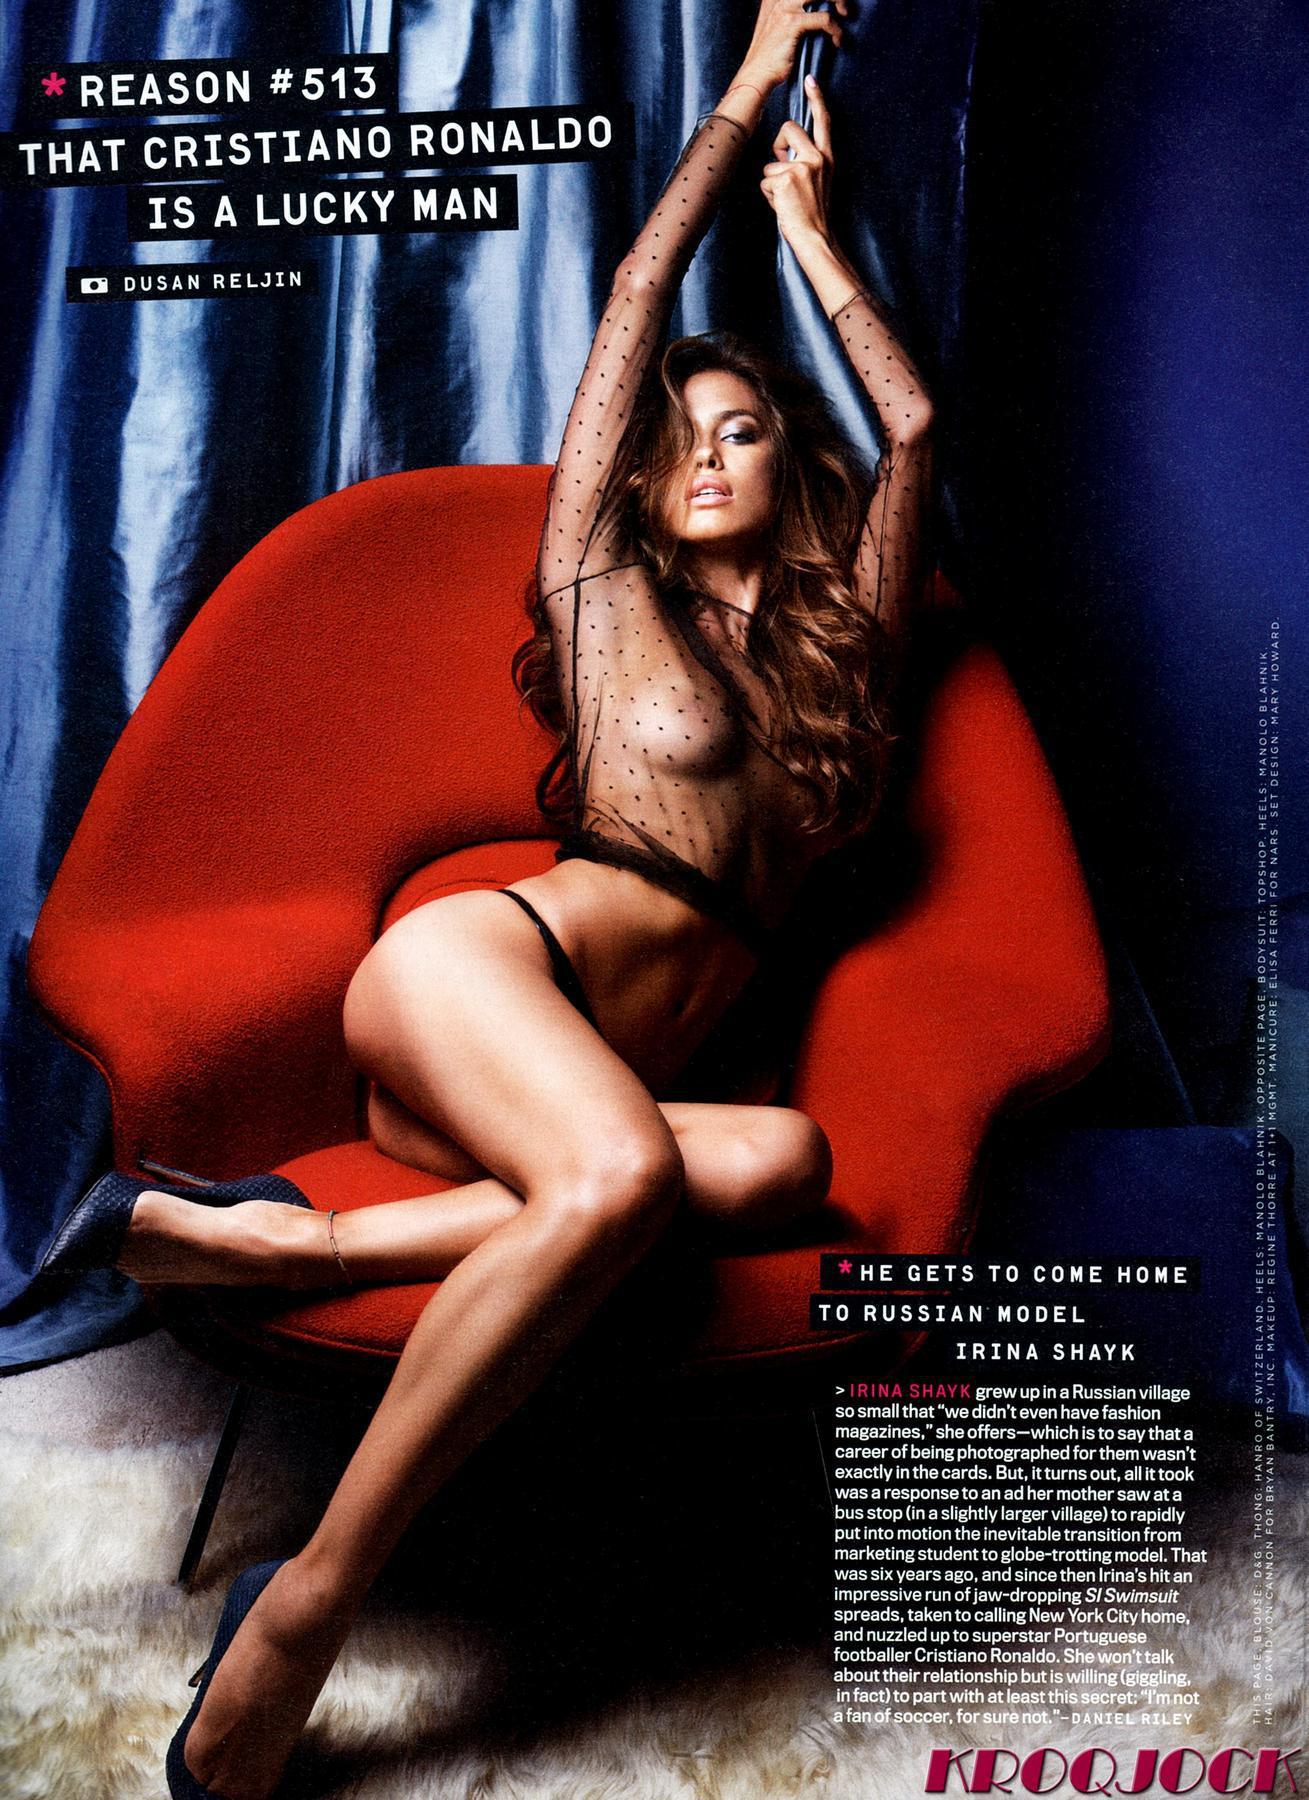 Senha sexs hot nudu porn pics erotic image